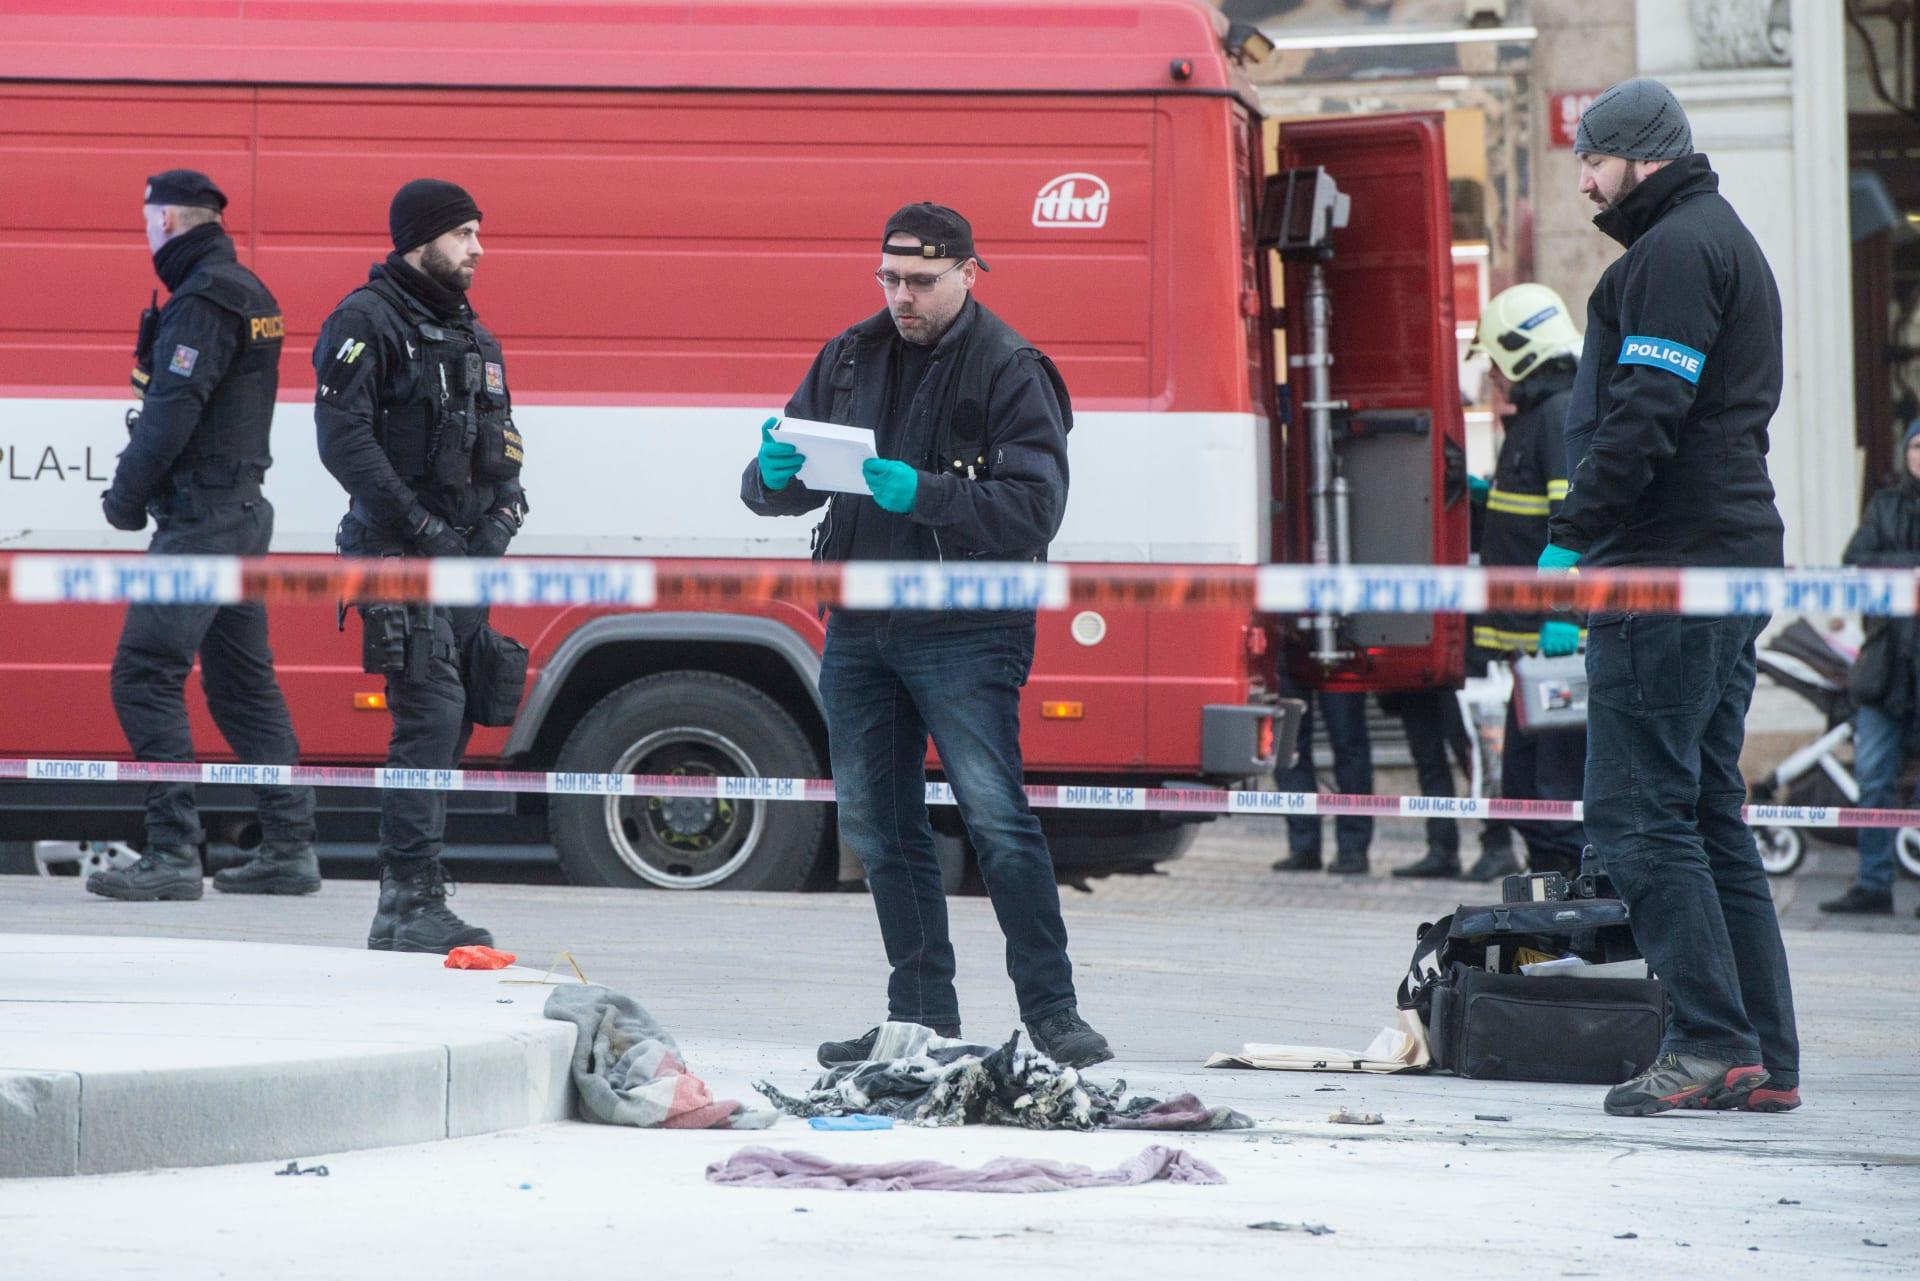 الشرطة التشيكية تحقق في إحدى الحوادث في العاصمة براج